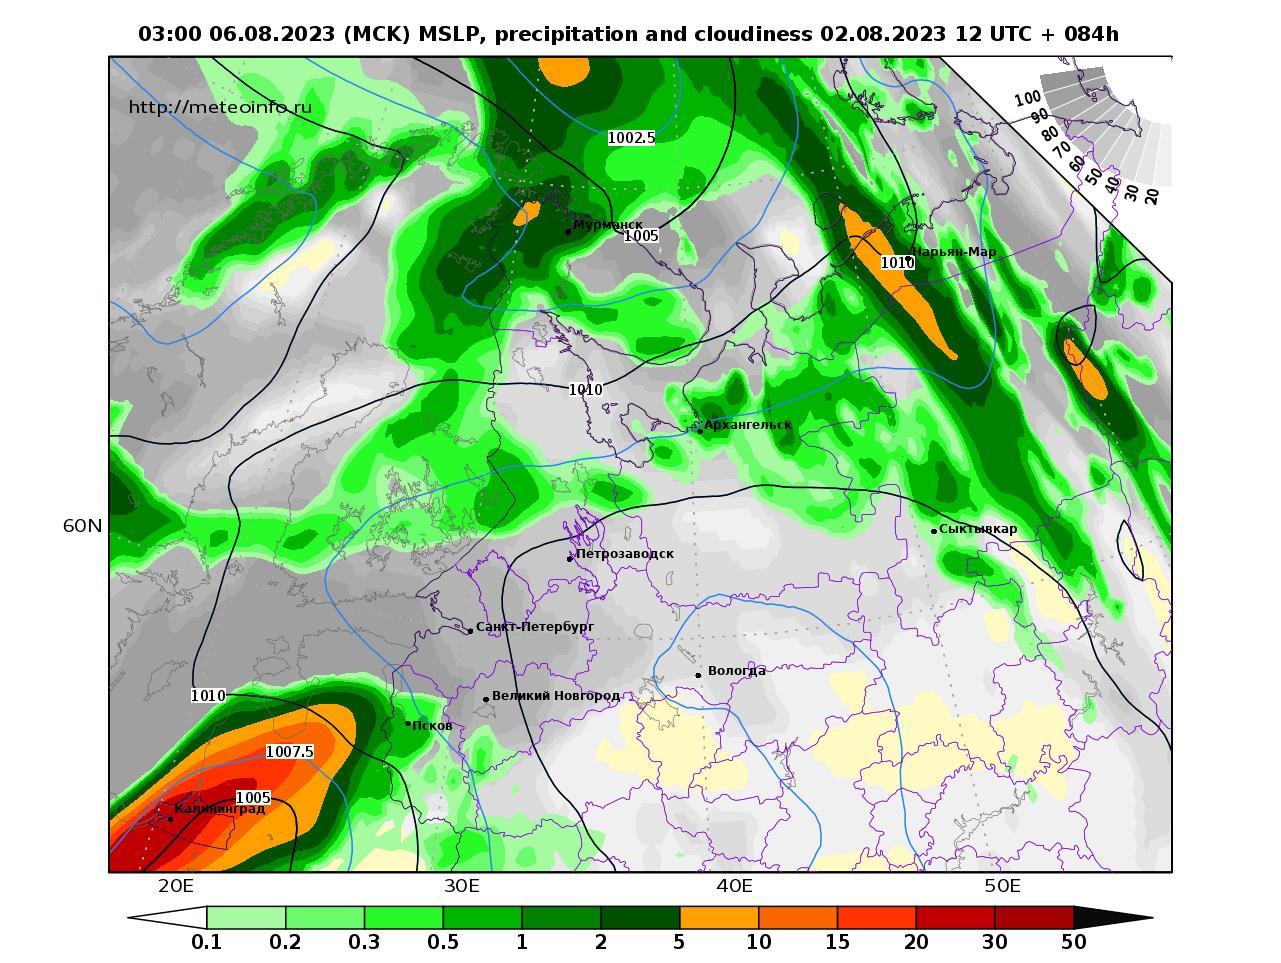 Северо-Западный Федеральный округ, прогностическая карта осадки и давление, заблаговременность прогноза 84 часа